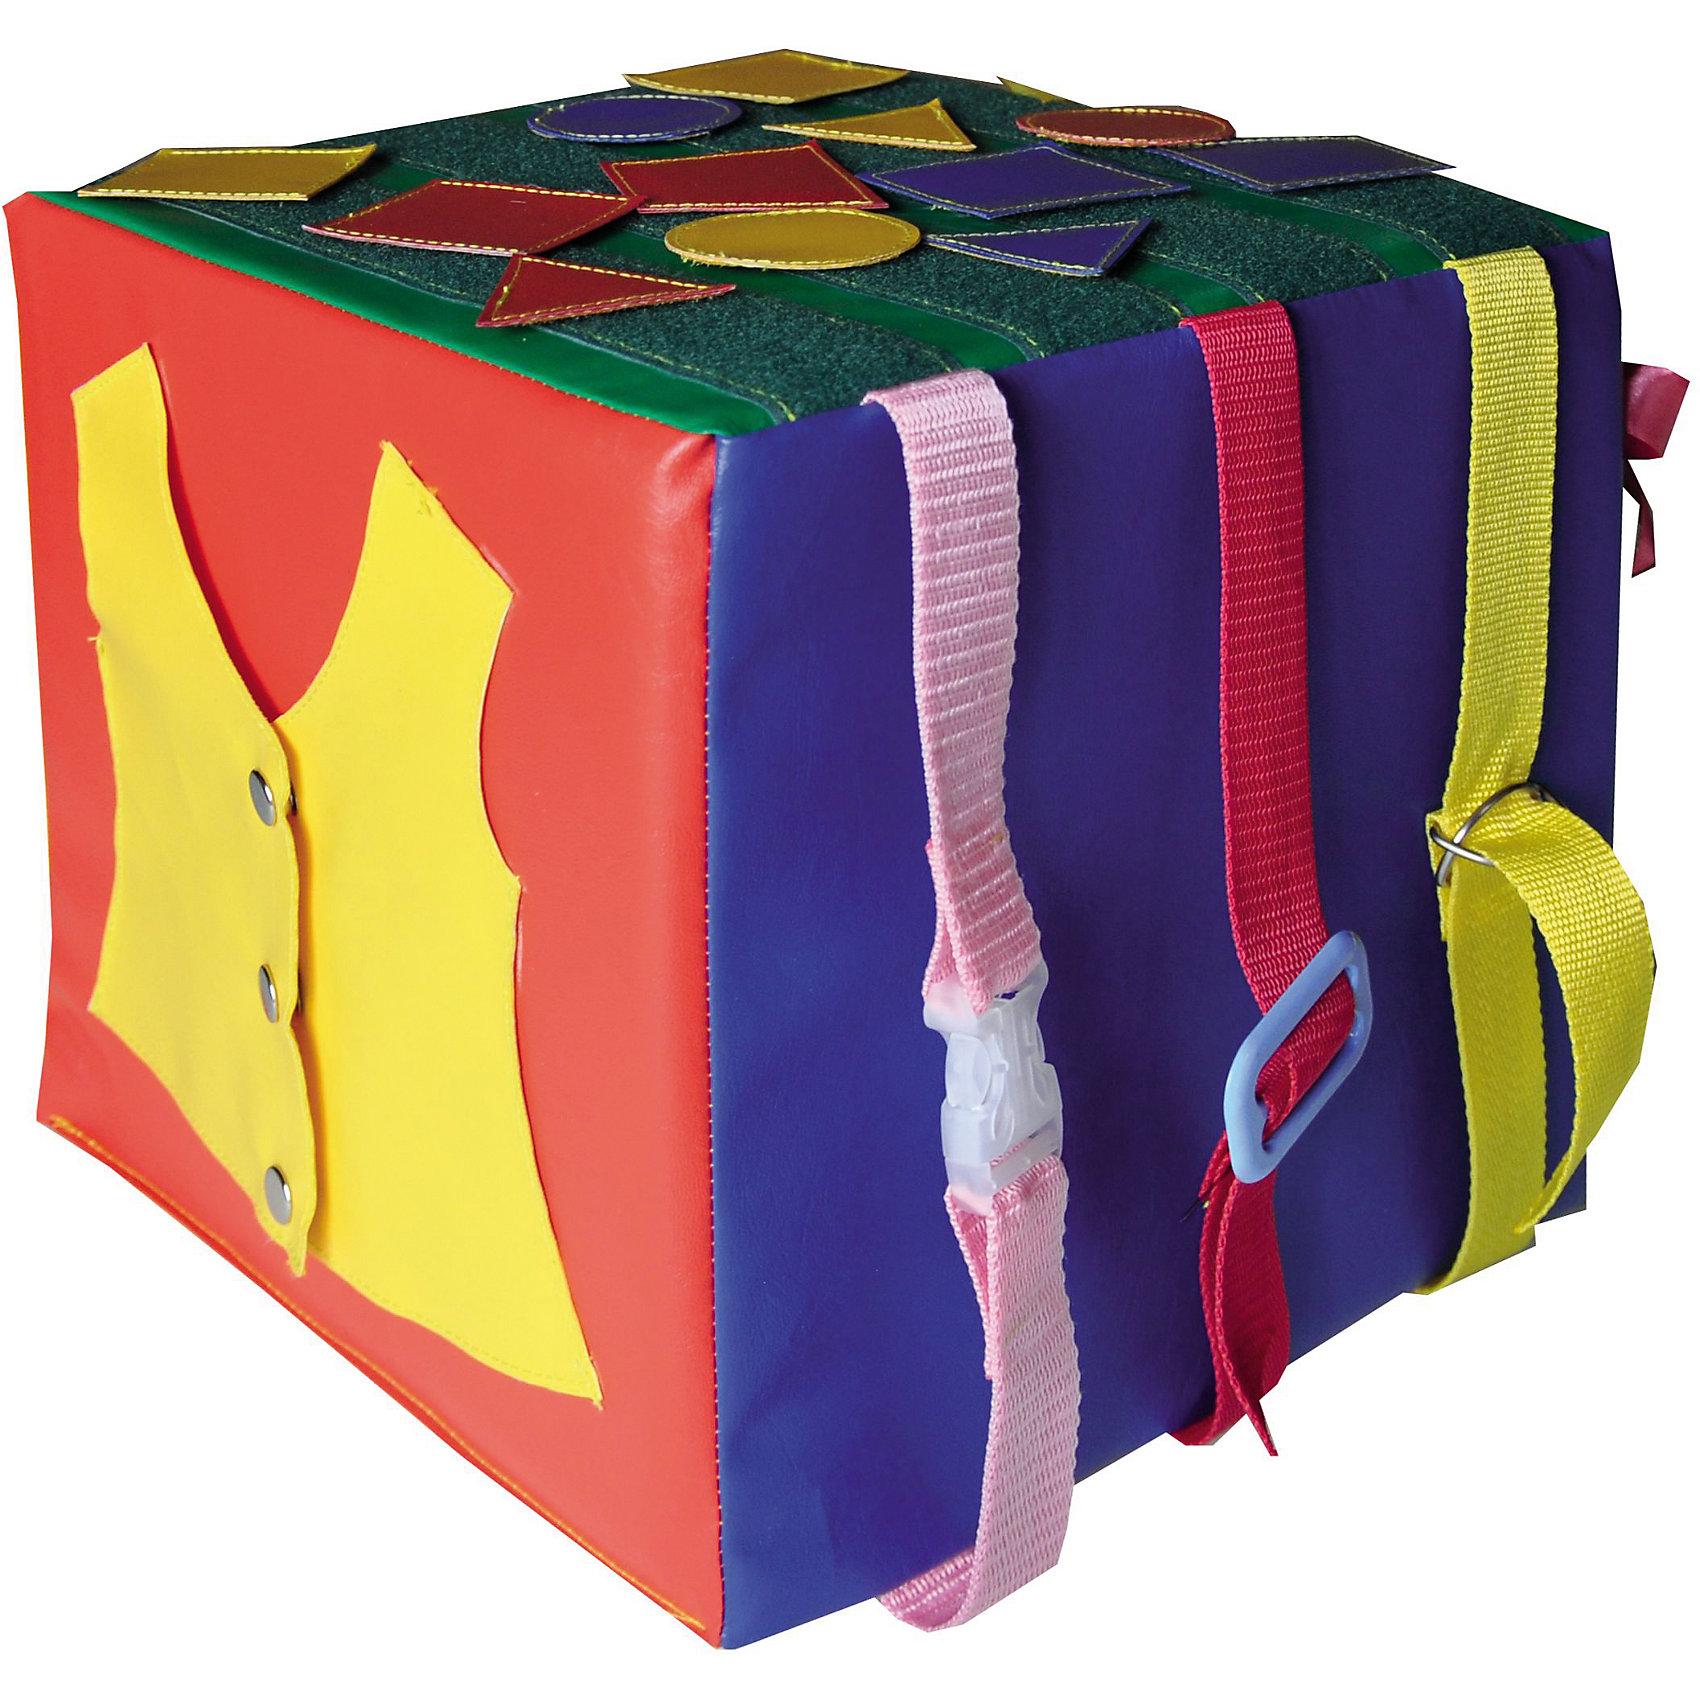 Кубик Умные ладошки, RomanaМебель<br>Каждая сторона дидактического кубика «Умные ладошки» вызовет интерес малыша, развивая его моторику и мышление. Кубик может выполнять функцию пуфика. Габаритные размеры: 1200 х 1200 мм. Допустимая нагрузка 50 кг. Вес с упаковкой 1 кг. Состав изделия: движущиеся стрелки часов, ремни/пряжки,молнии,фигуры на липучке, шнурки, мешок с завязкой, кнопки<br><br>Ширина мм: 300<br>Глубина мм: 300<br>Высота мм: 300<br>Вес г: 1000<br>Возраст от месяцев: 36<br>Возраст до месяцев: 60<br>Пол: Унисекс<br>Возраст: Детский<br>SKU: 6742450